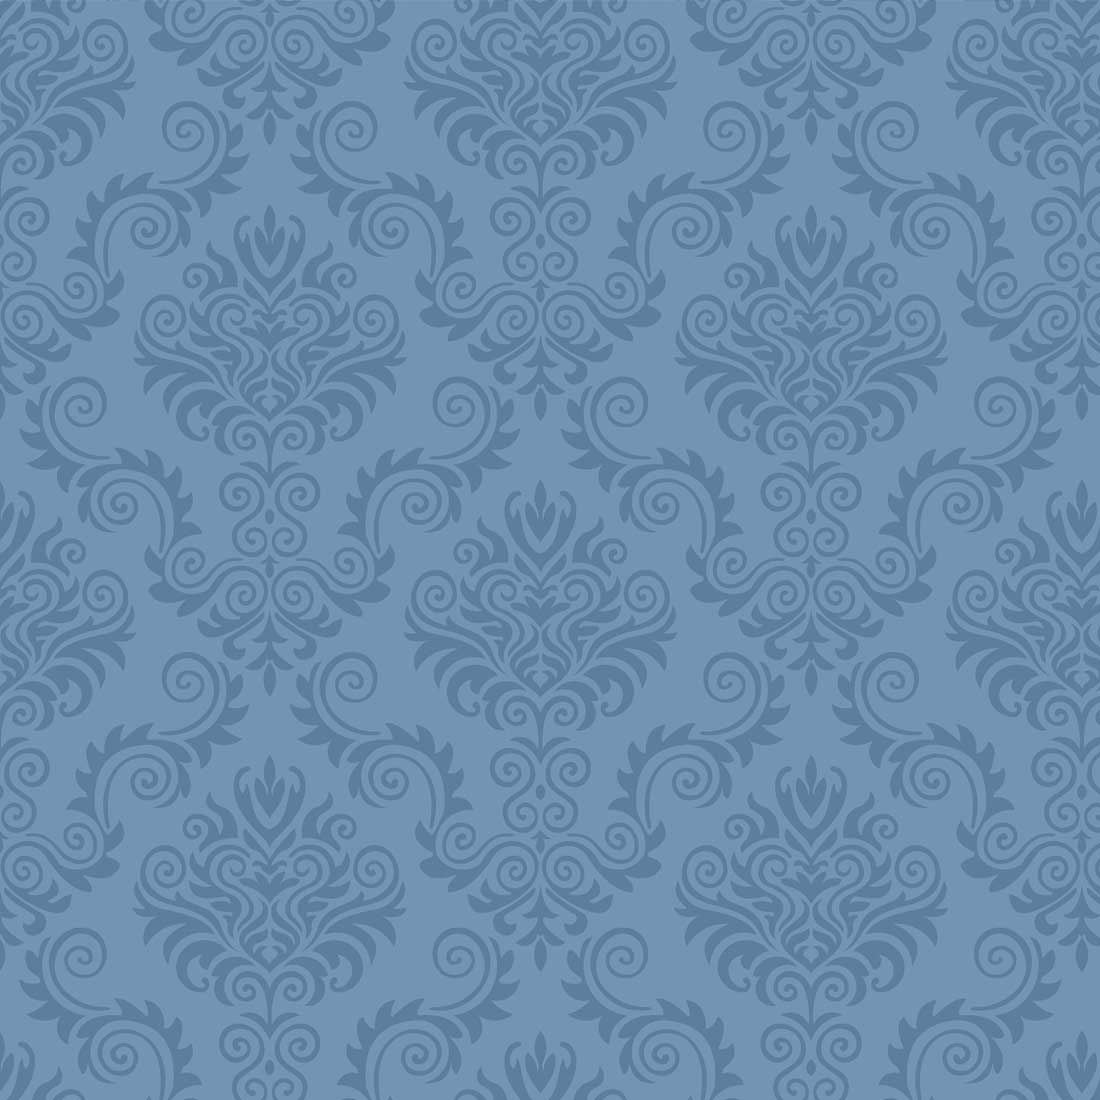 Papel de Parede Arabesco Vintage Abstrato Jacquard Azul